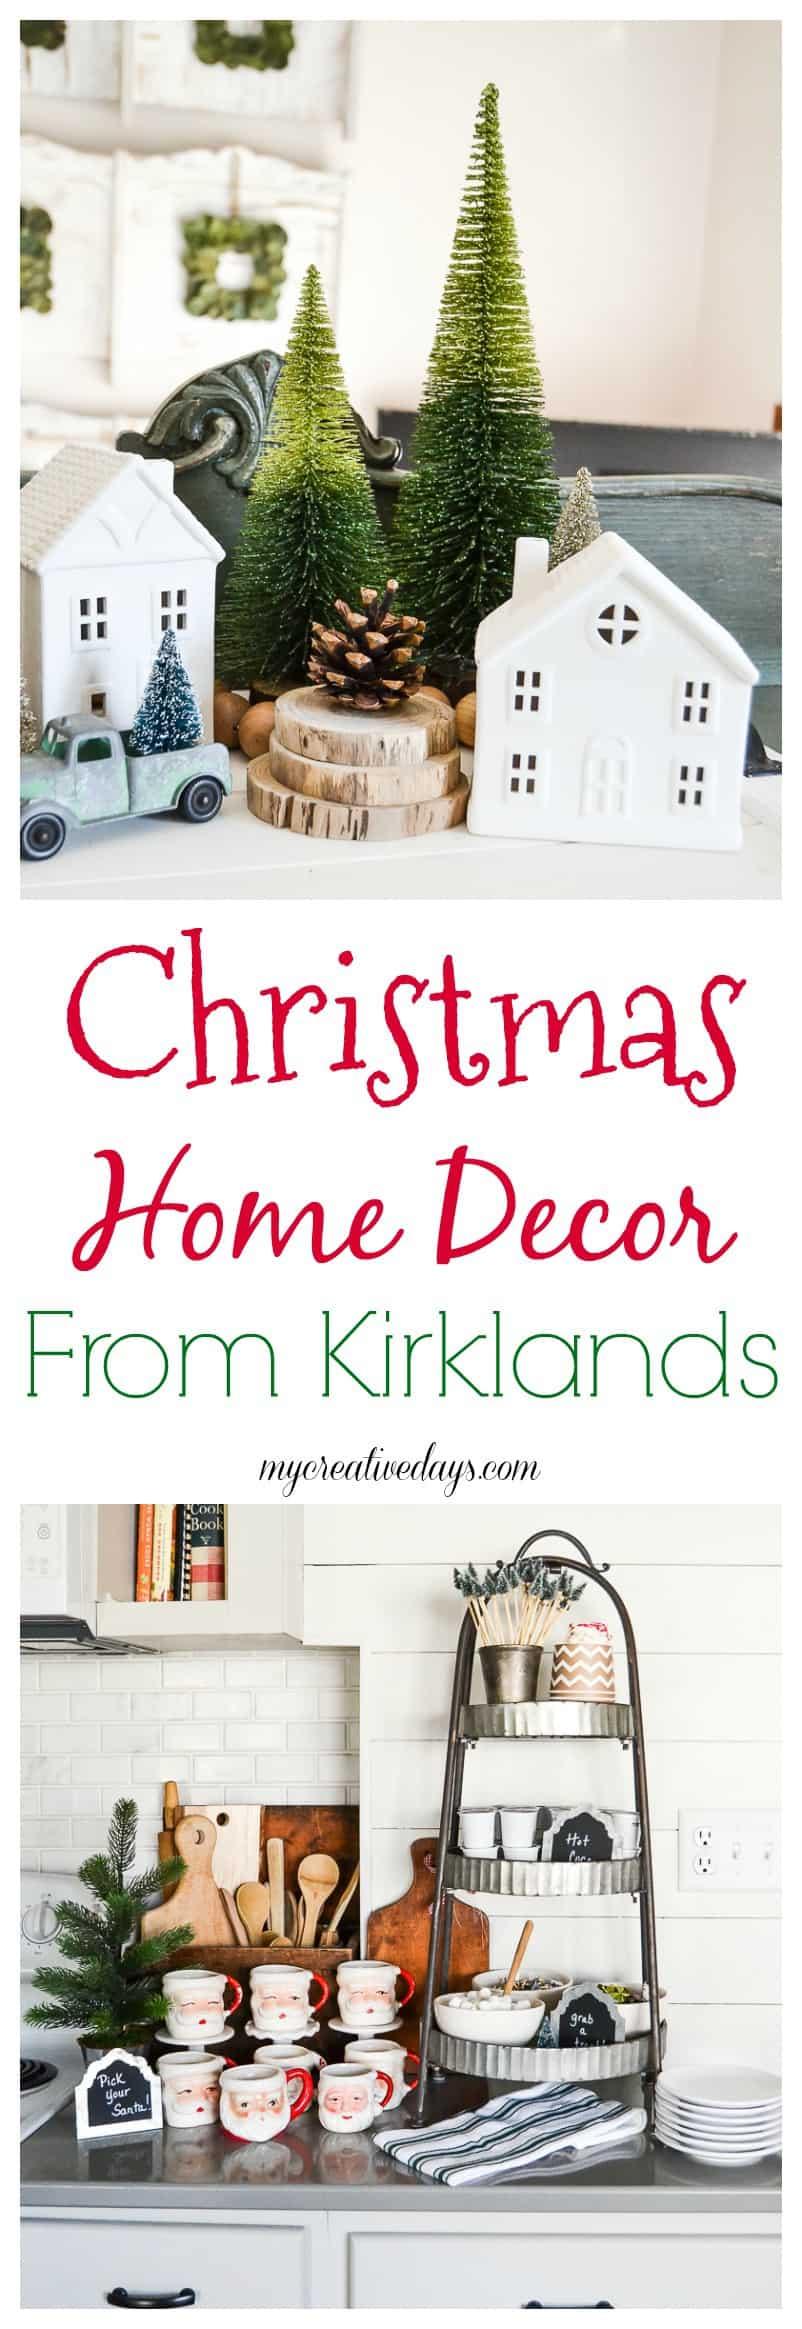 Christmas Home Decor From Kirklands - My Creative Days on Kirkland's Decor Home Accents id=66292